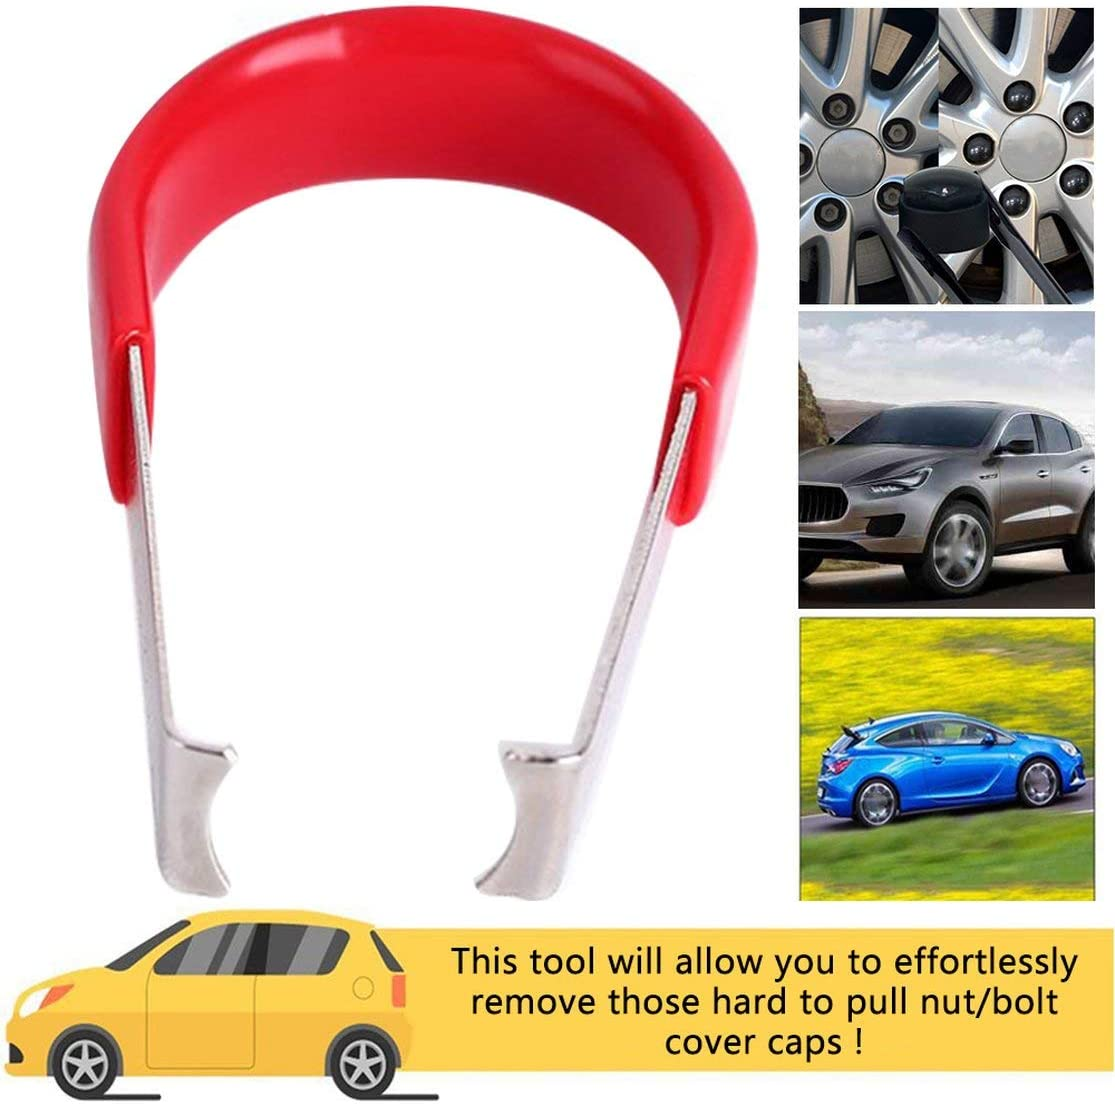 zhouweiwei Car Wheel Tuerca Tornillo Cubiertas Tapa Herramienta para Quitar la Llave Pinzas de Metal